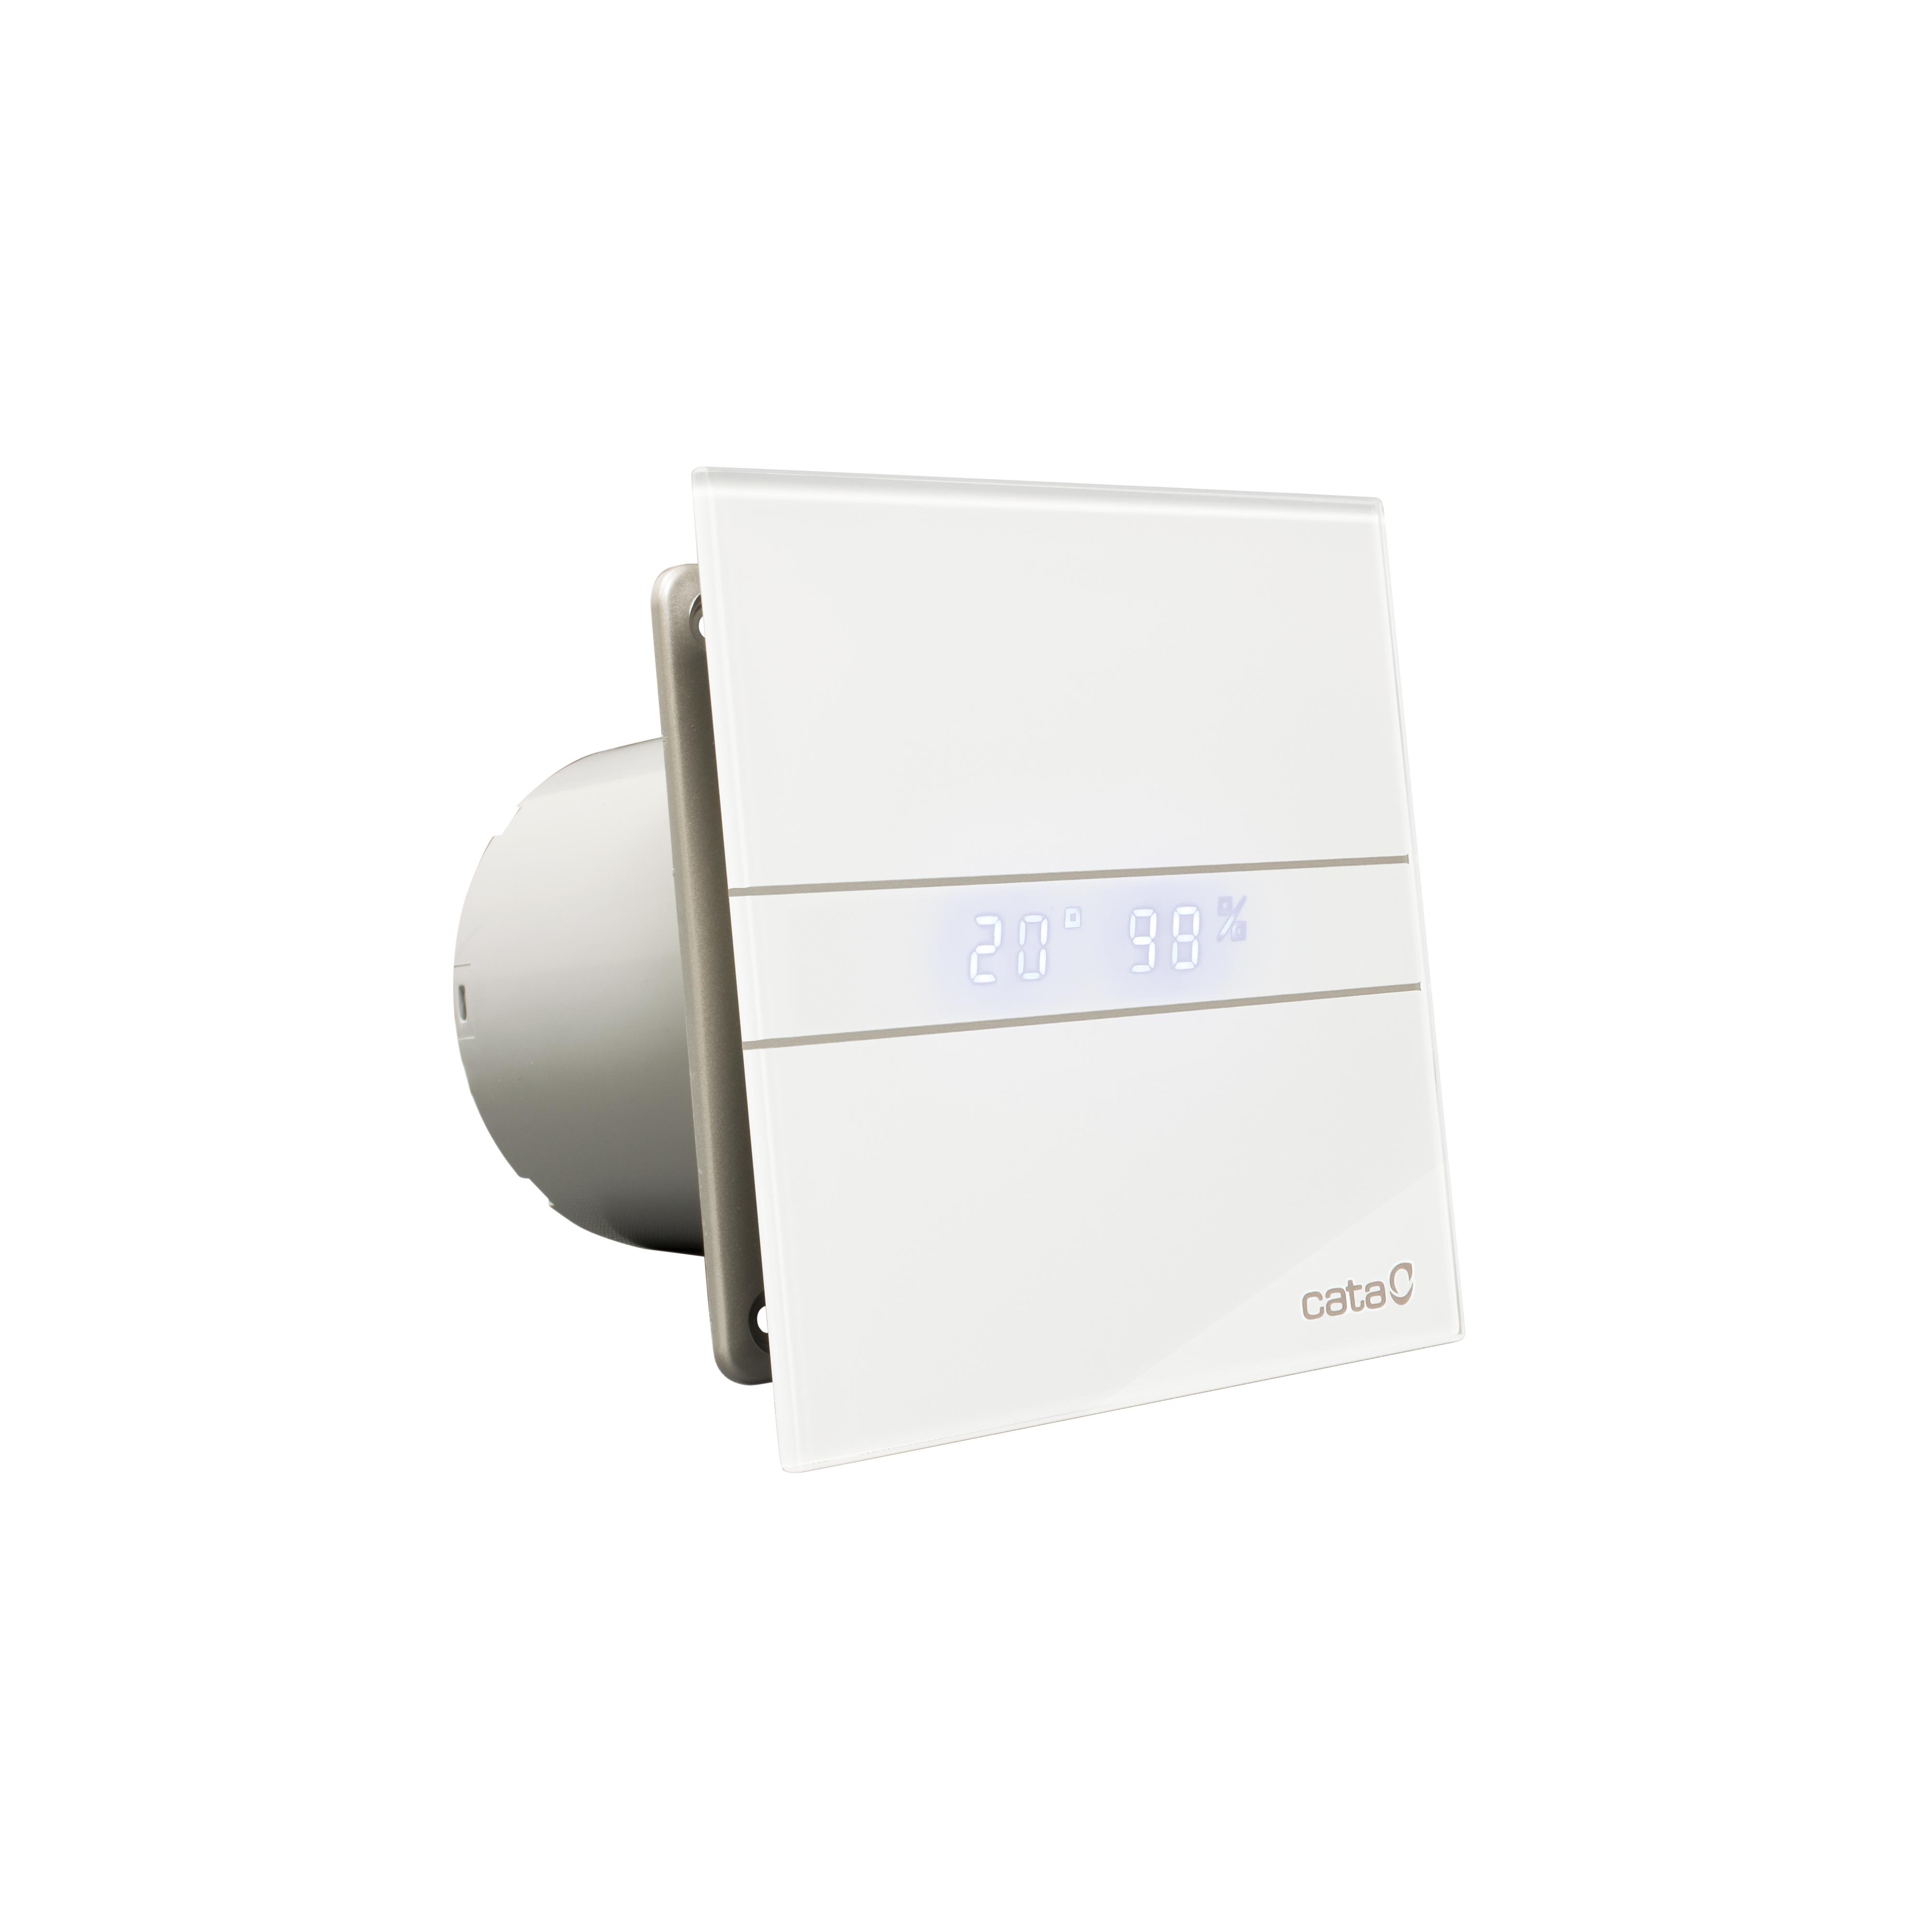 Вентилятор e-100gth. Для влажн. Табло CATA вентилятор e 100 gbk стекло черный cata